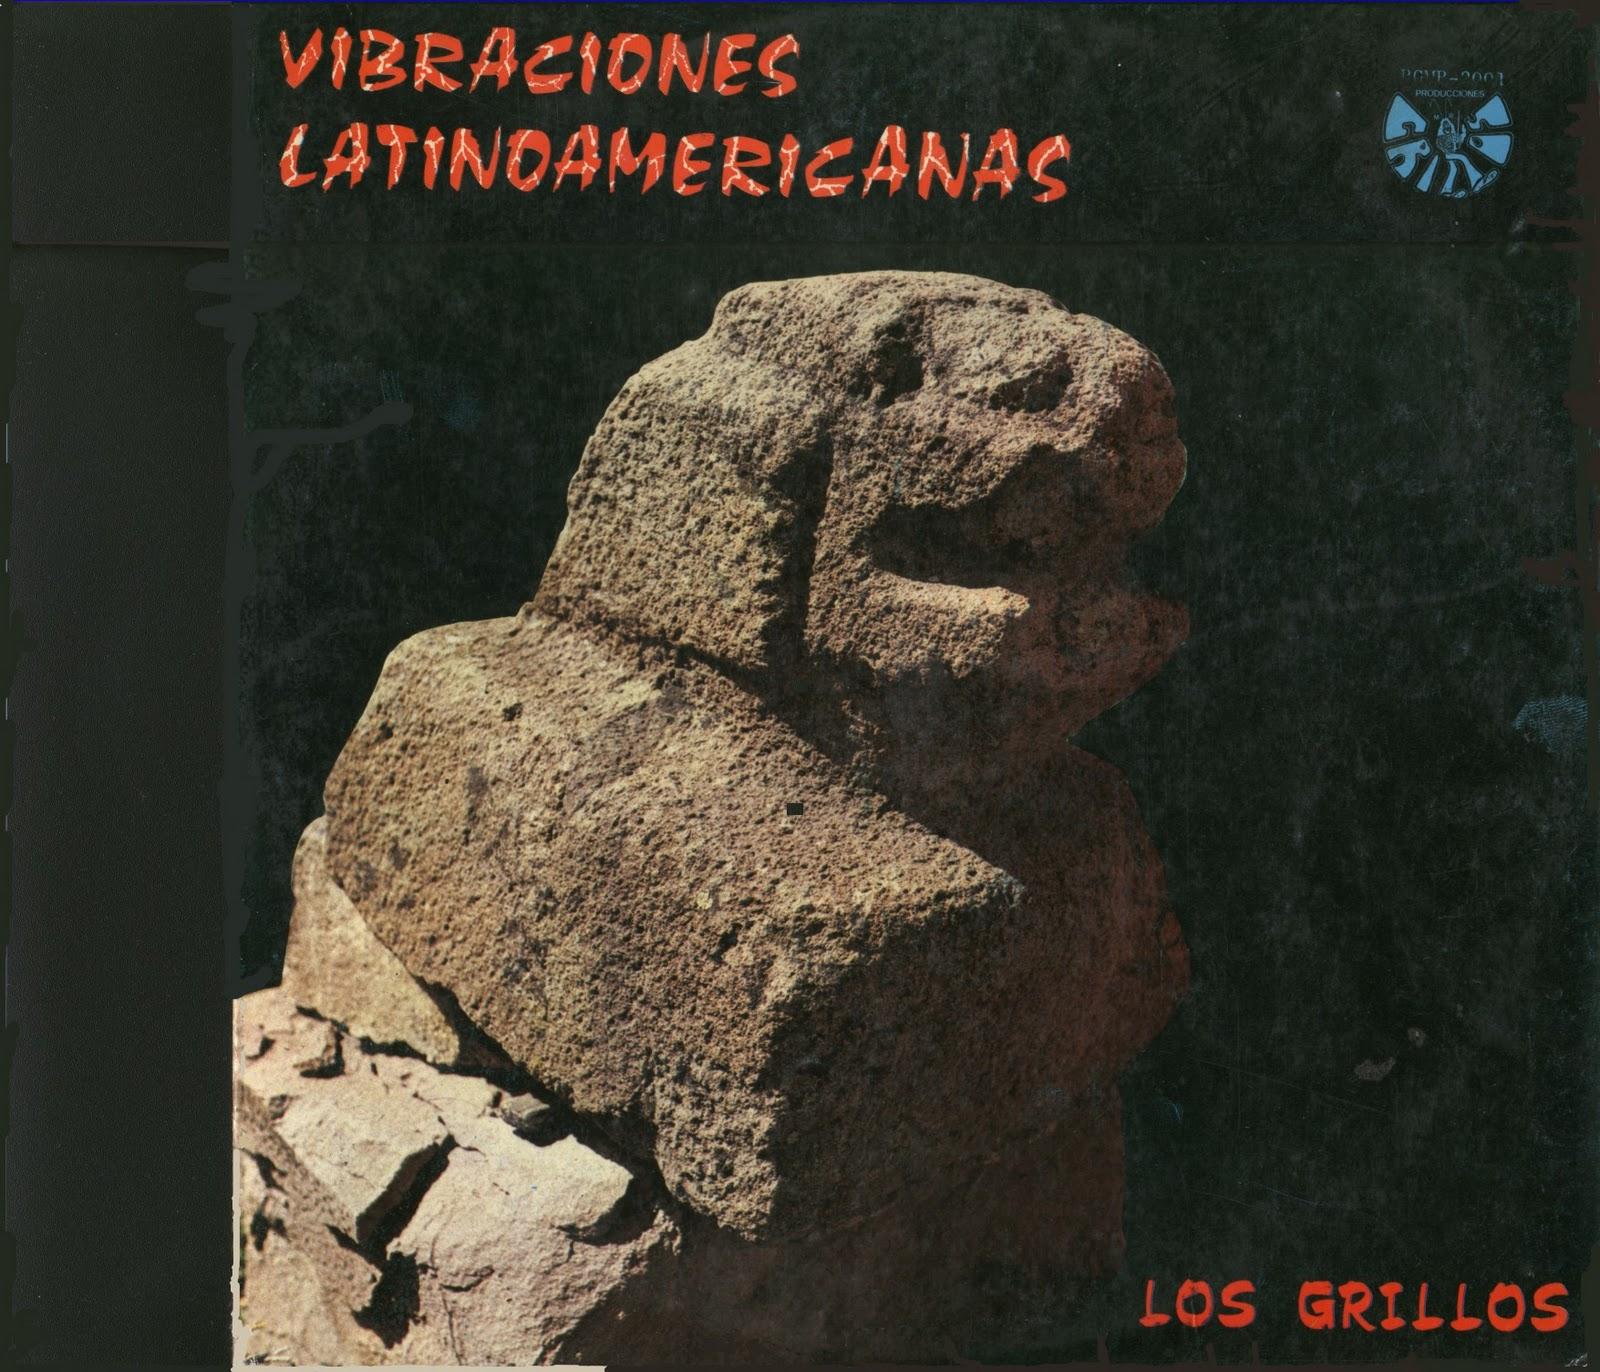 Los Grillos Vibraciones Latinoamericanas